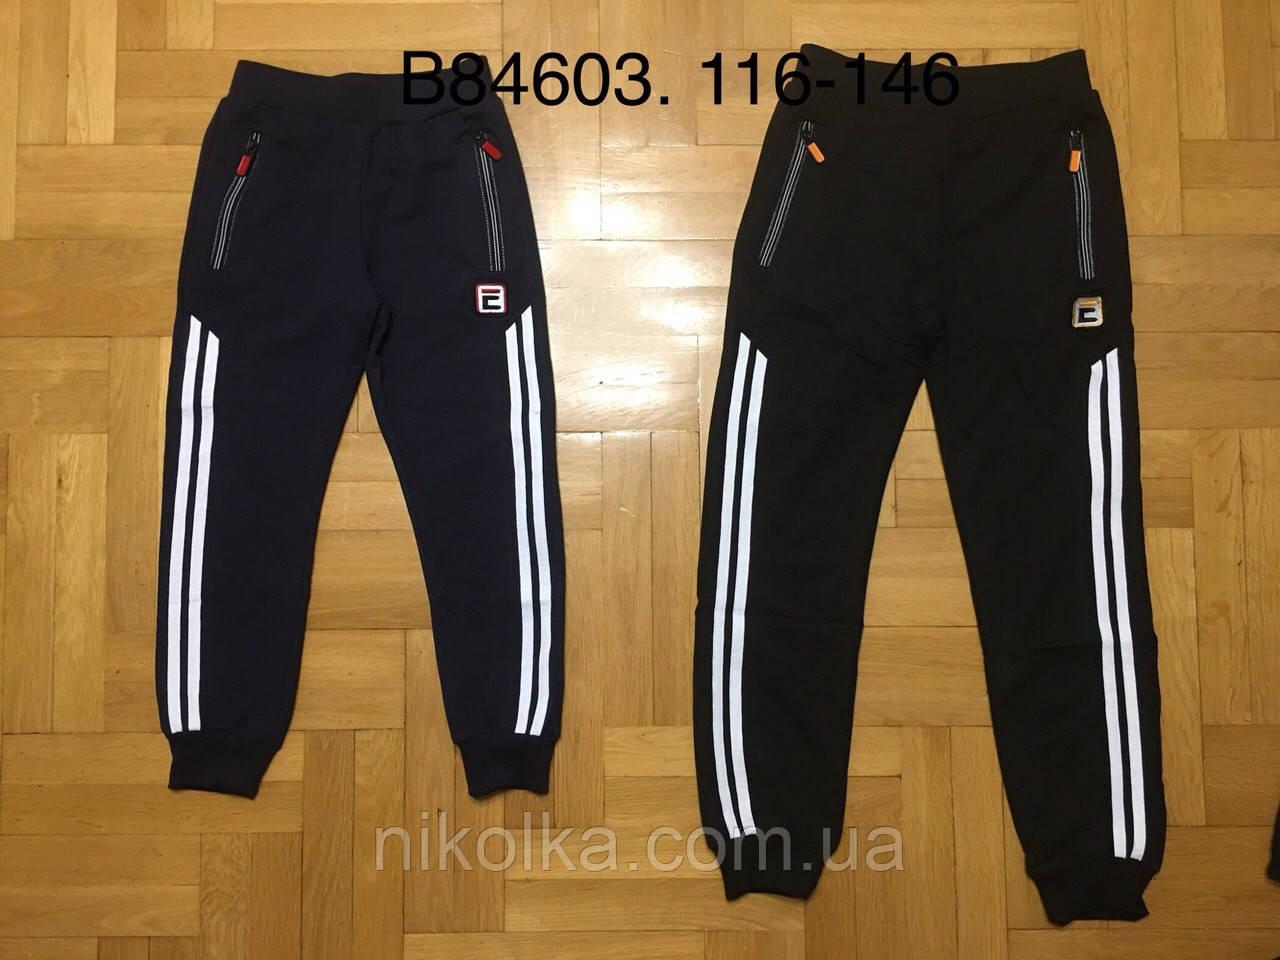 Спортивные брюки для мальчиков оптом, Grace, 116-146 рр., арт. В84603